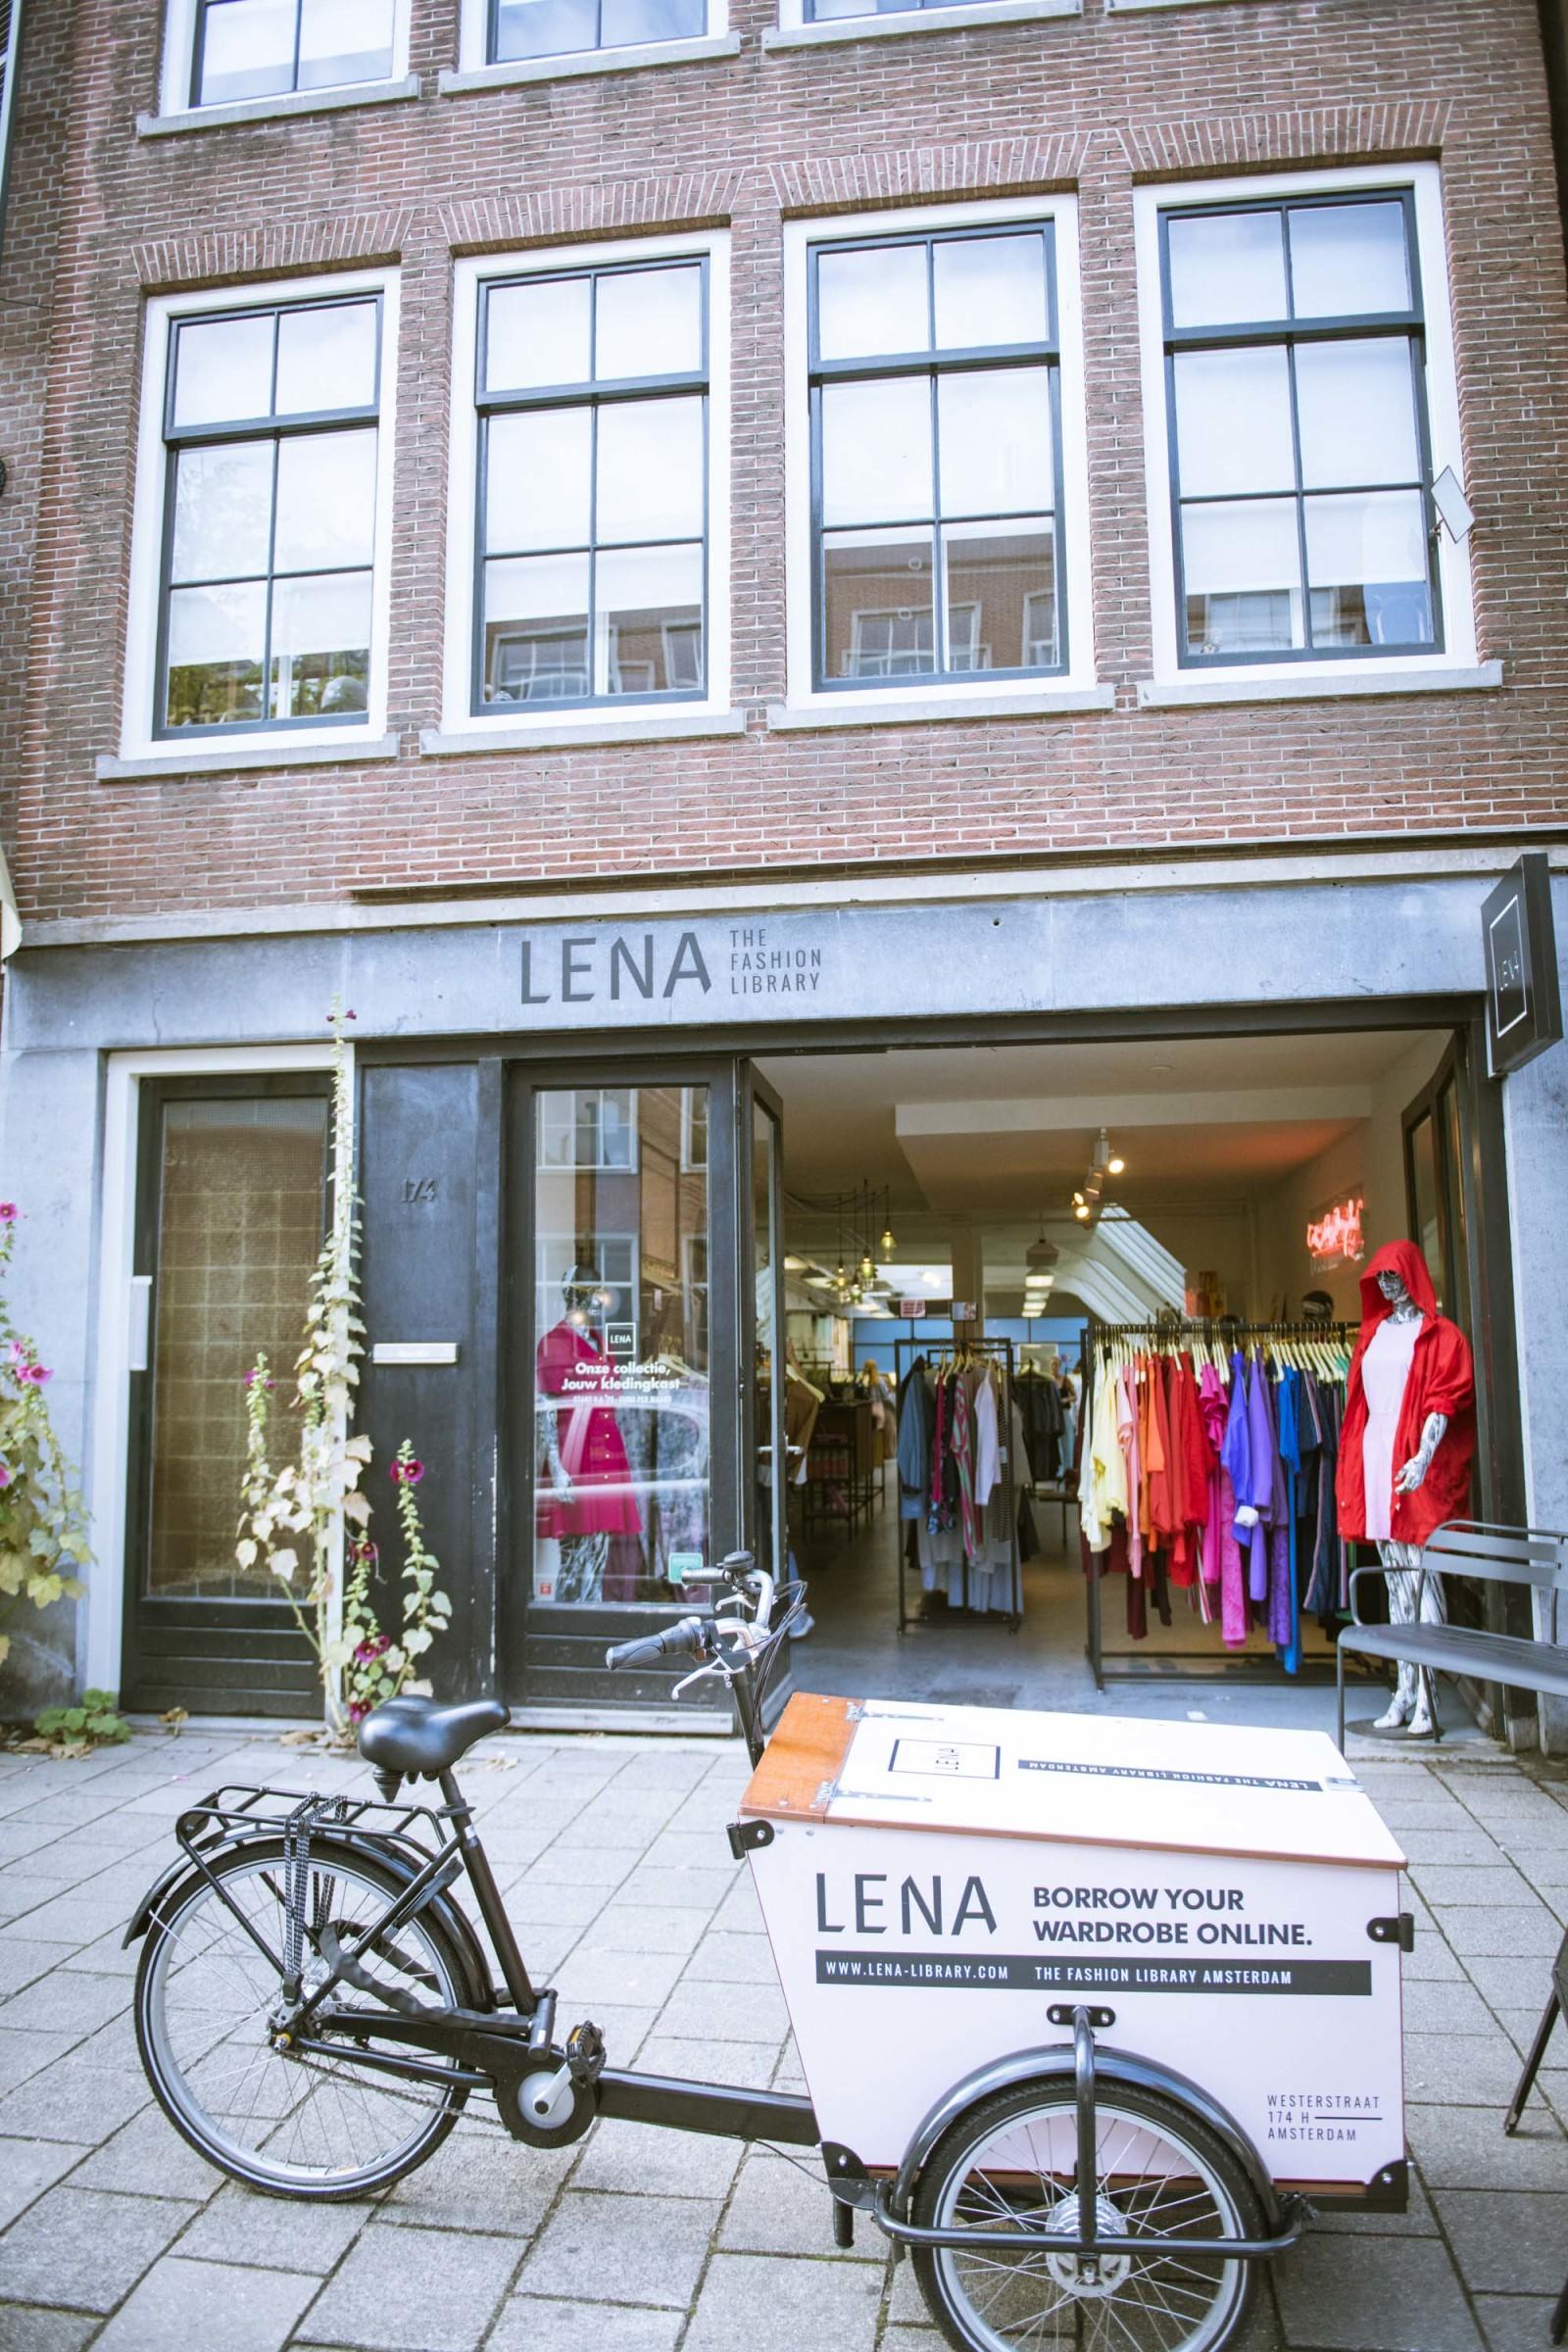 『LENA the fashion library(レナ・ザ・ファッションライブラリー)』。アムステルダムには洋服のシェアリングサービスも。日本でも同様のサービスが増えている。